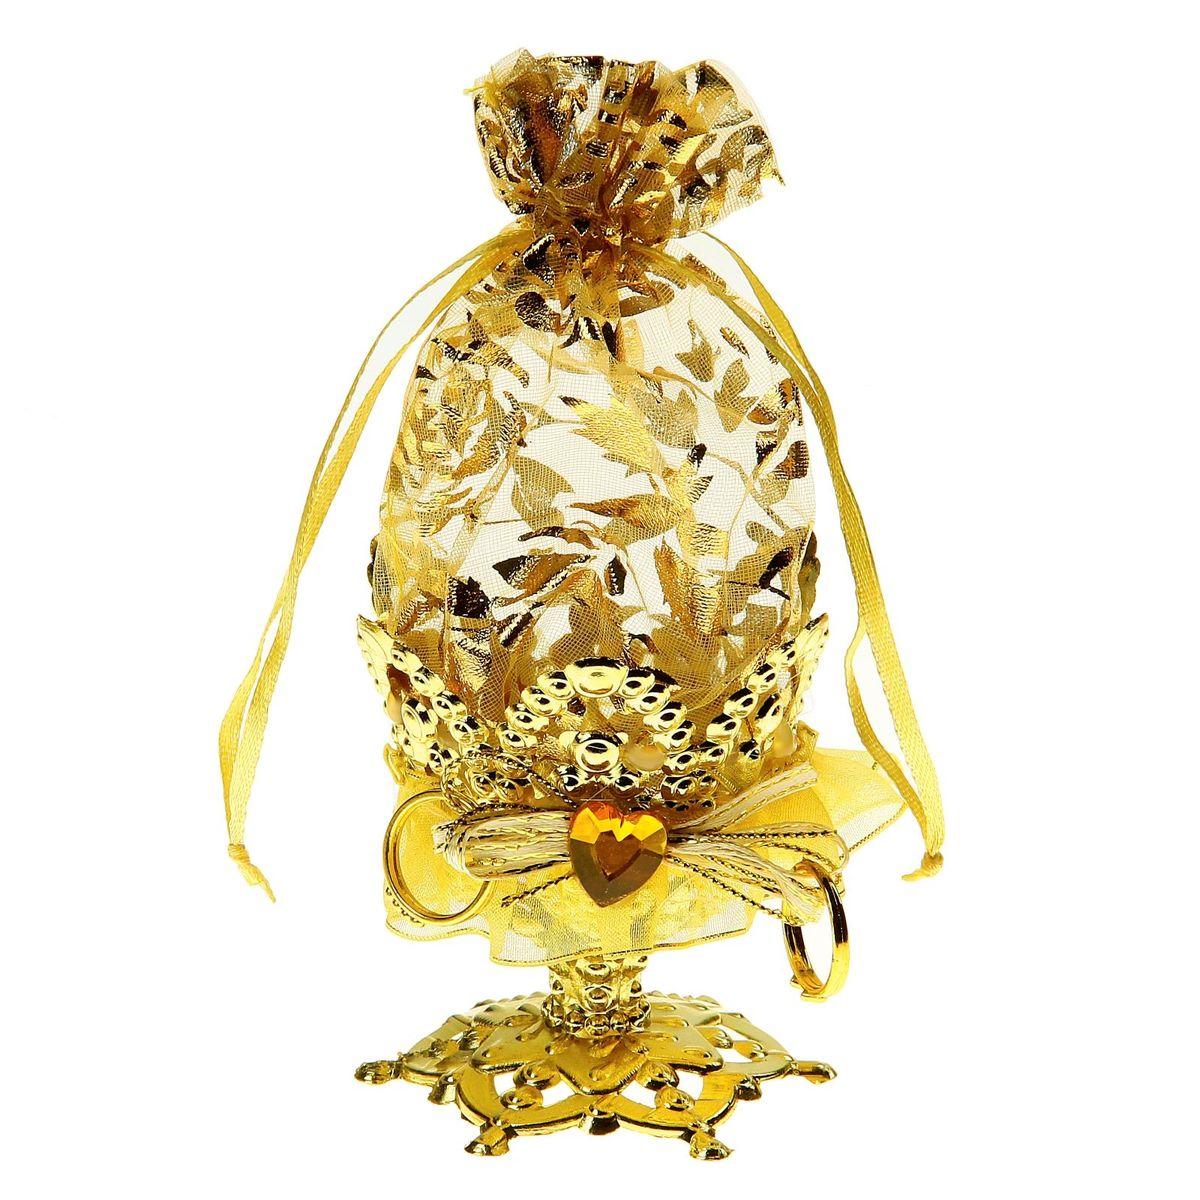 """Очень красивая традиция современной свадьбы, пришедшая к нам с Запада, — дарить гостям бонбоньерки с угощениями в знак благодарности тому, кто пришел на свадьбу. Как правило, приглашённых угощают миндалём, конфетами или марципанами, но фантазировать можно сколько угодно! Бонбоньерка """"Сердечки"""", цвет золото — это необычная конфетница с эффектным дизайном, куда можно спрятать угощение для дорогих вашему сердцу людей. Она завершит свадебное торжество, и оставит гостей в полном восторге."""